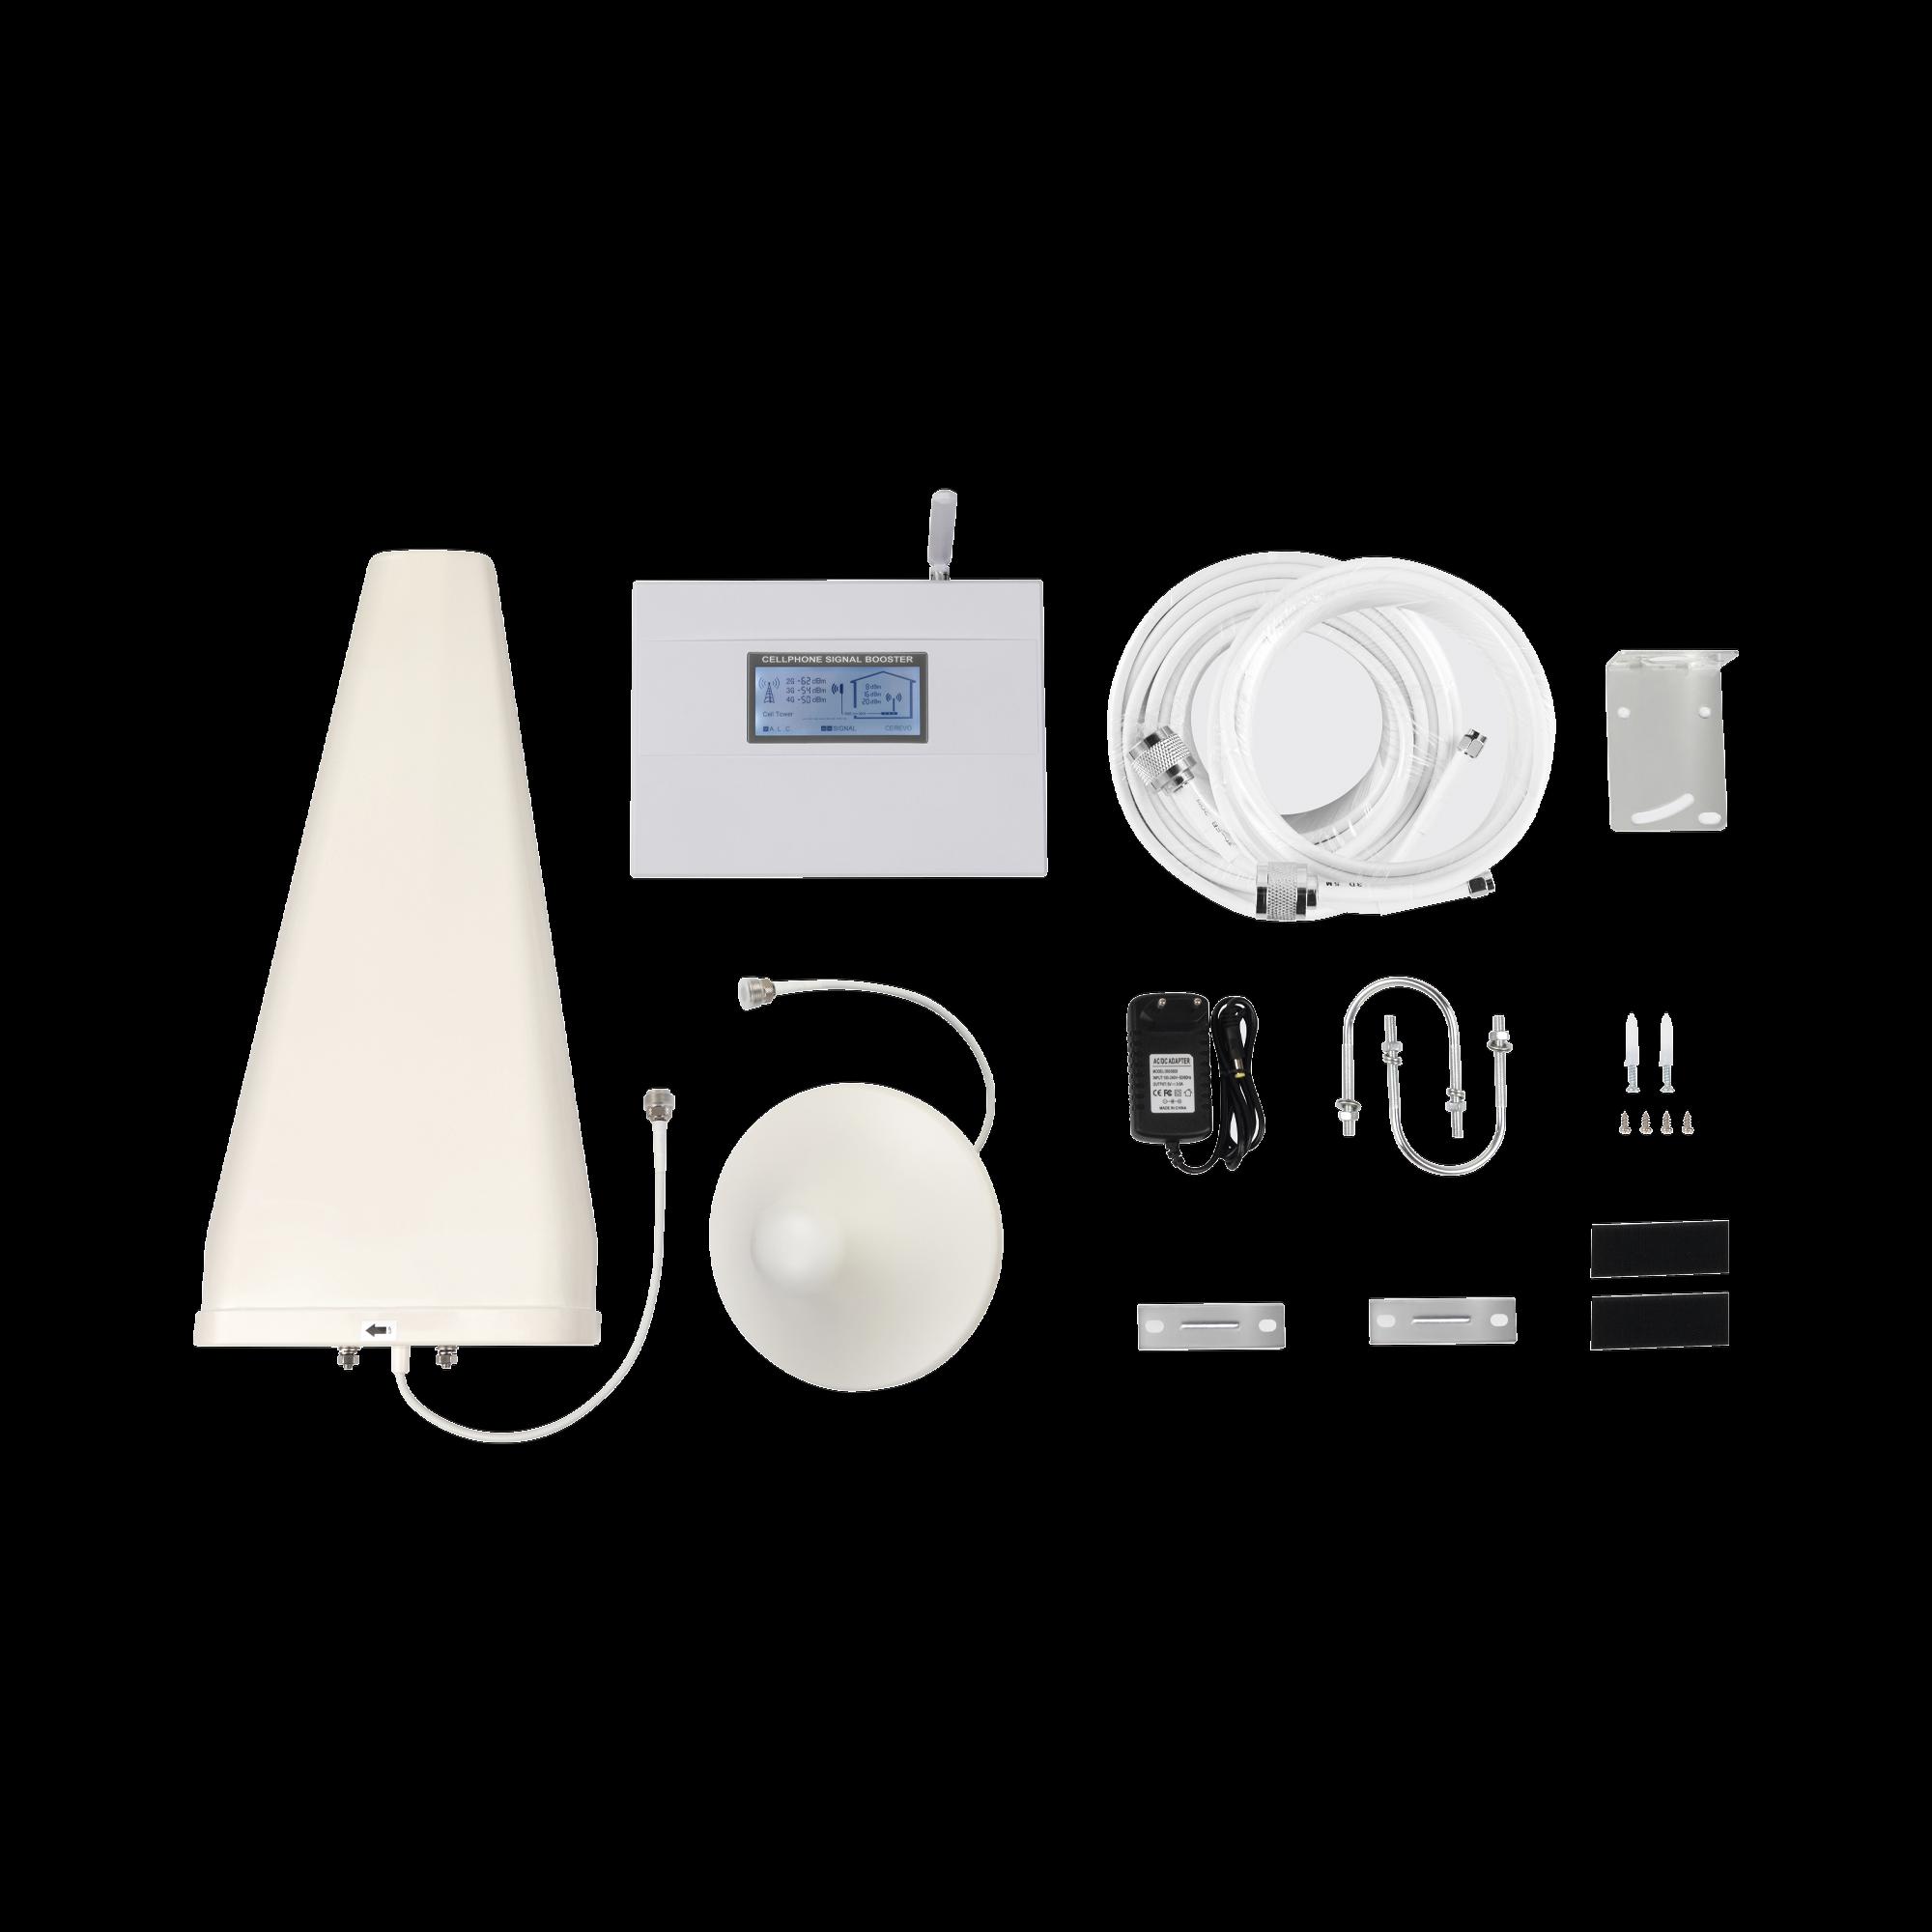 Kit de Amplificador de Señal Celular | Doble Banda | Mejora las Llamadas, Soporta 3G y *4G LTE | 70 dB de Ganancia Máxima, cubre áreas de hasta 500 metros cuadrados.